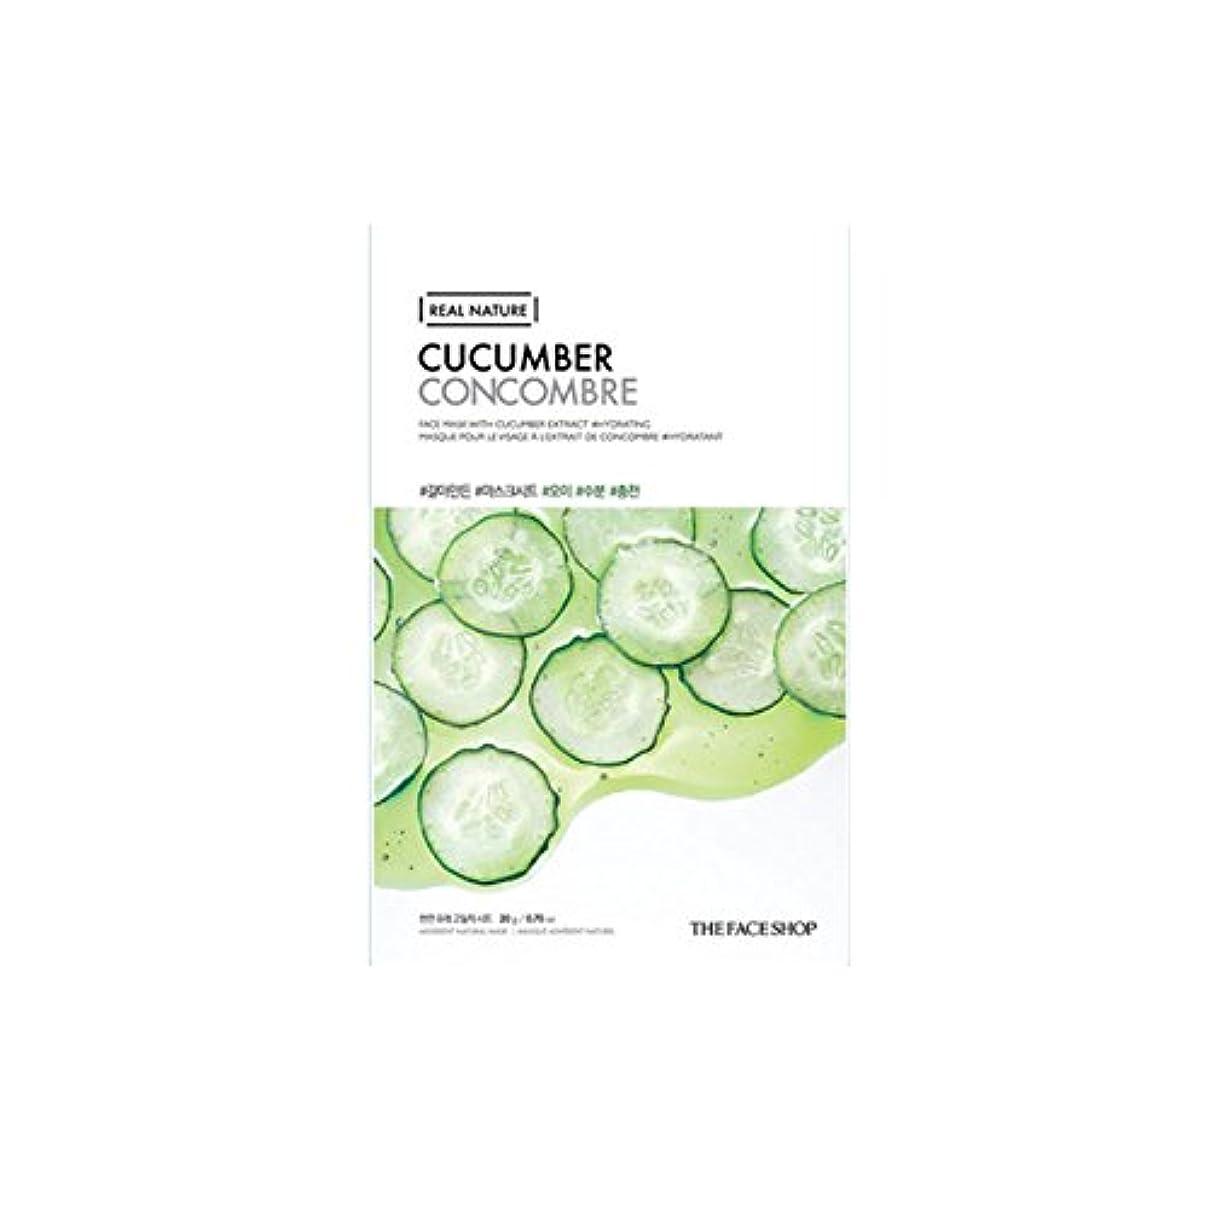 フィッティング比較的倫理[The Face Shop] ザフェイスショップ リアルネイチャーマスクシート Real Nature Mask Sheet (Cucumber (キュウリ) 10個) [並行輸入品]